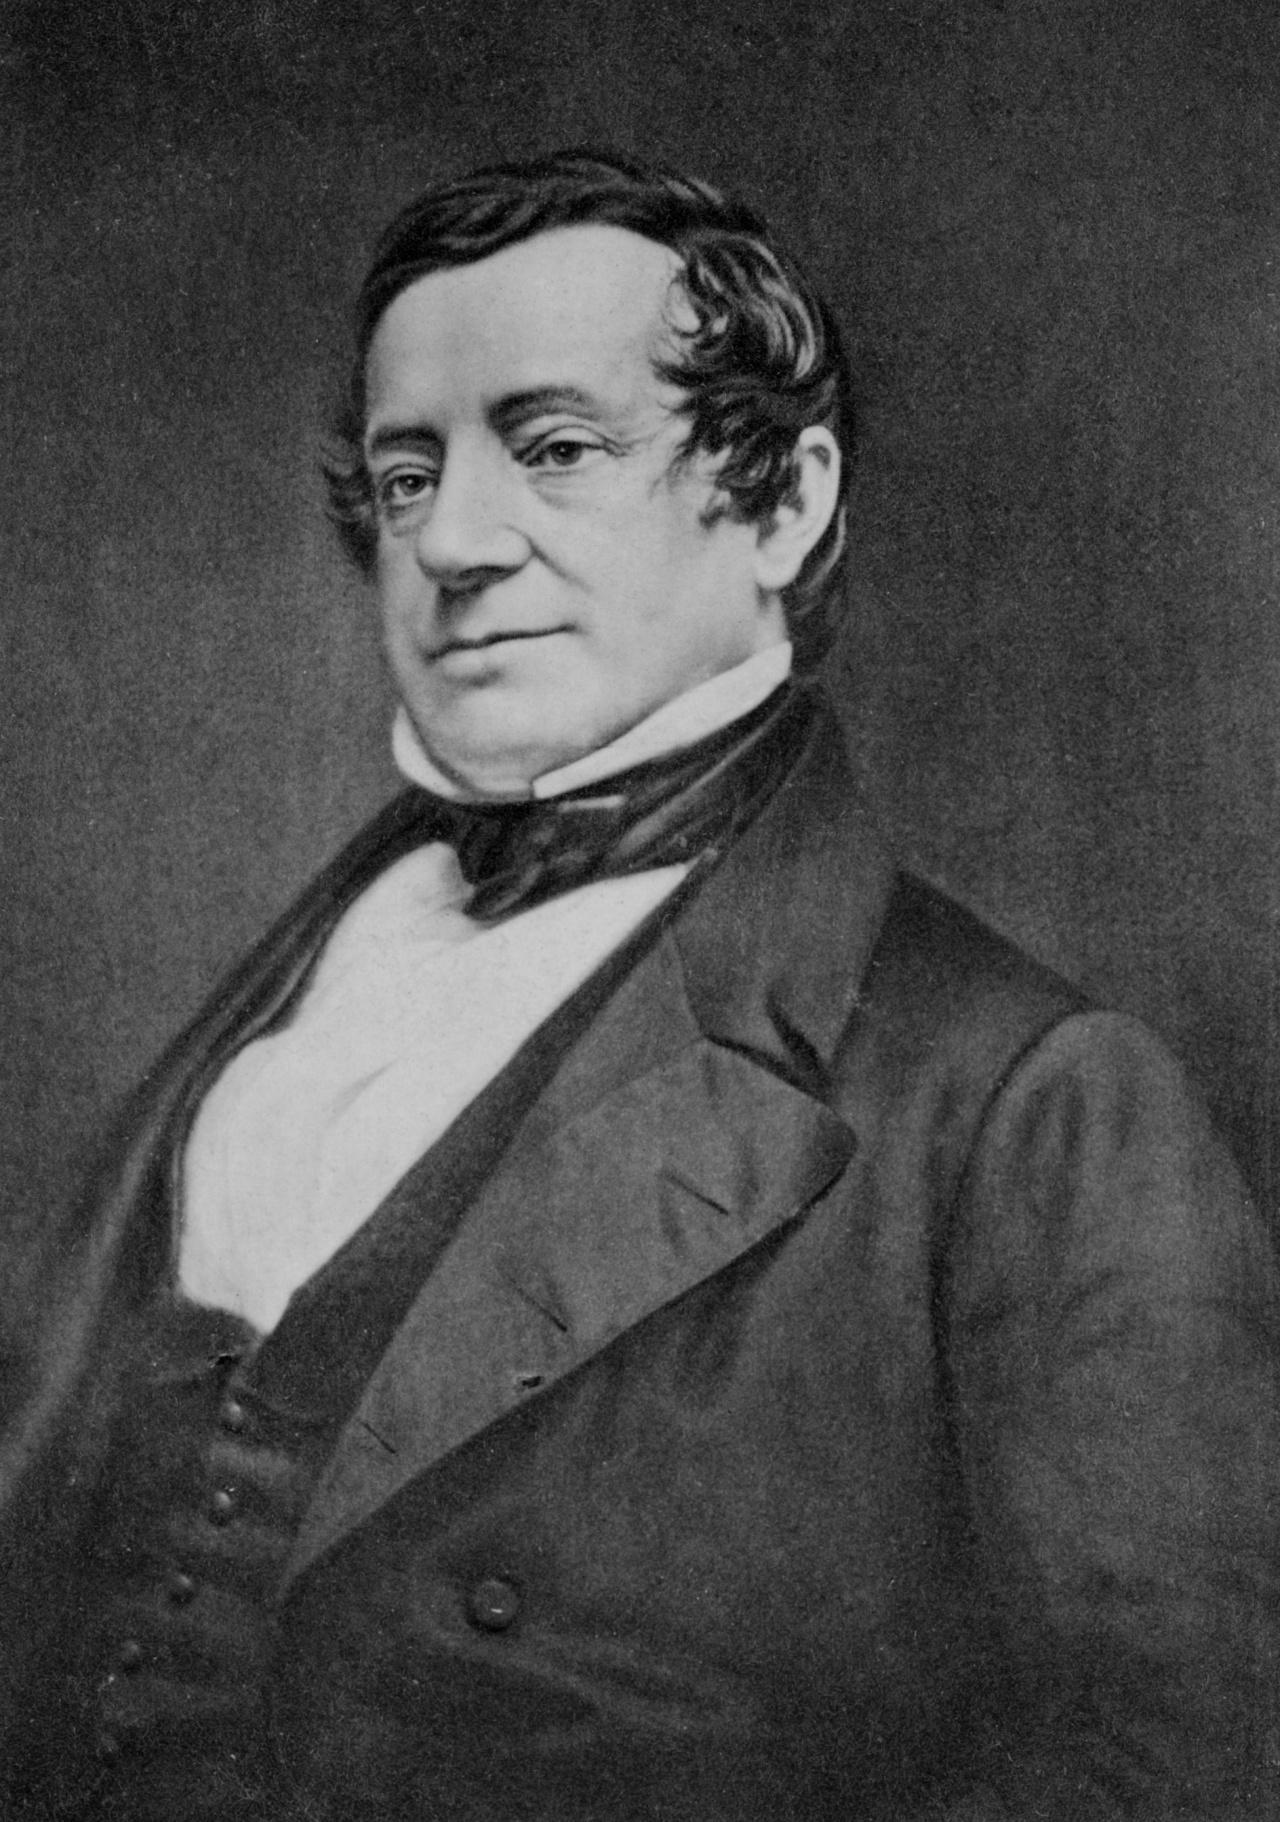 วอชิงตัน เออร์วิง นักเขียนเรื่องสั้นชาวอเมริกัน